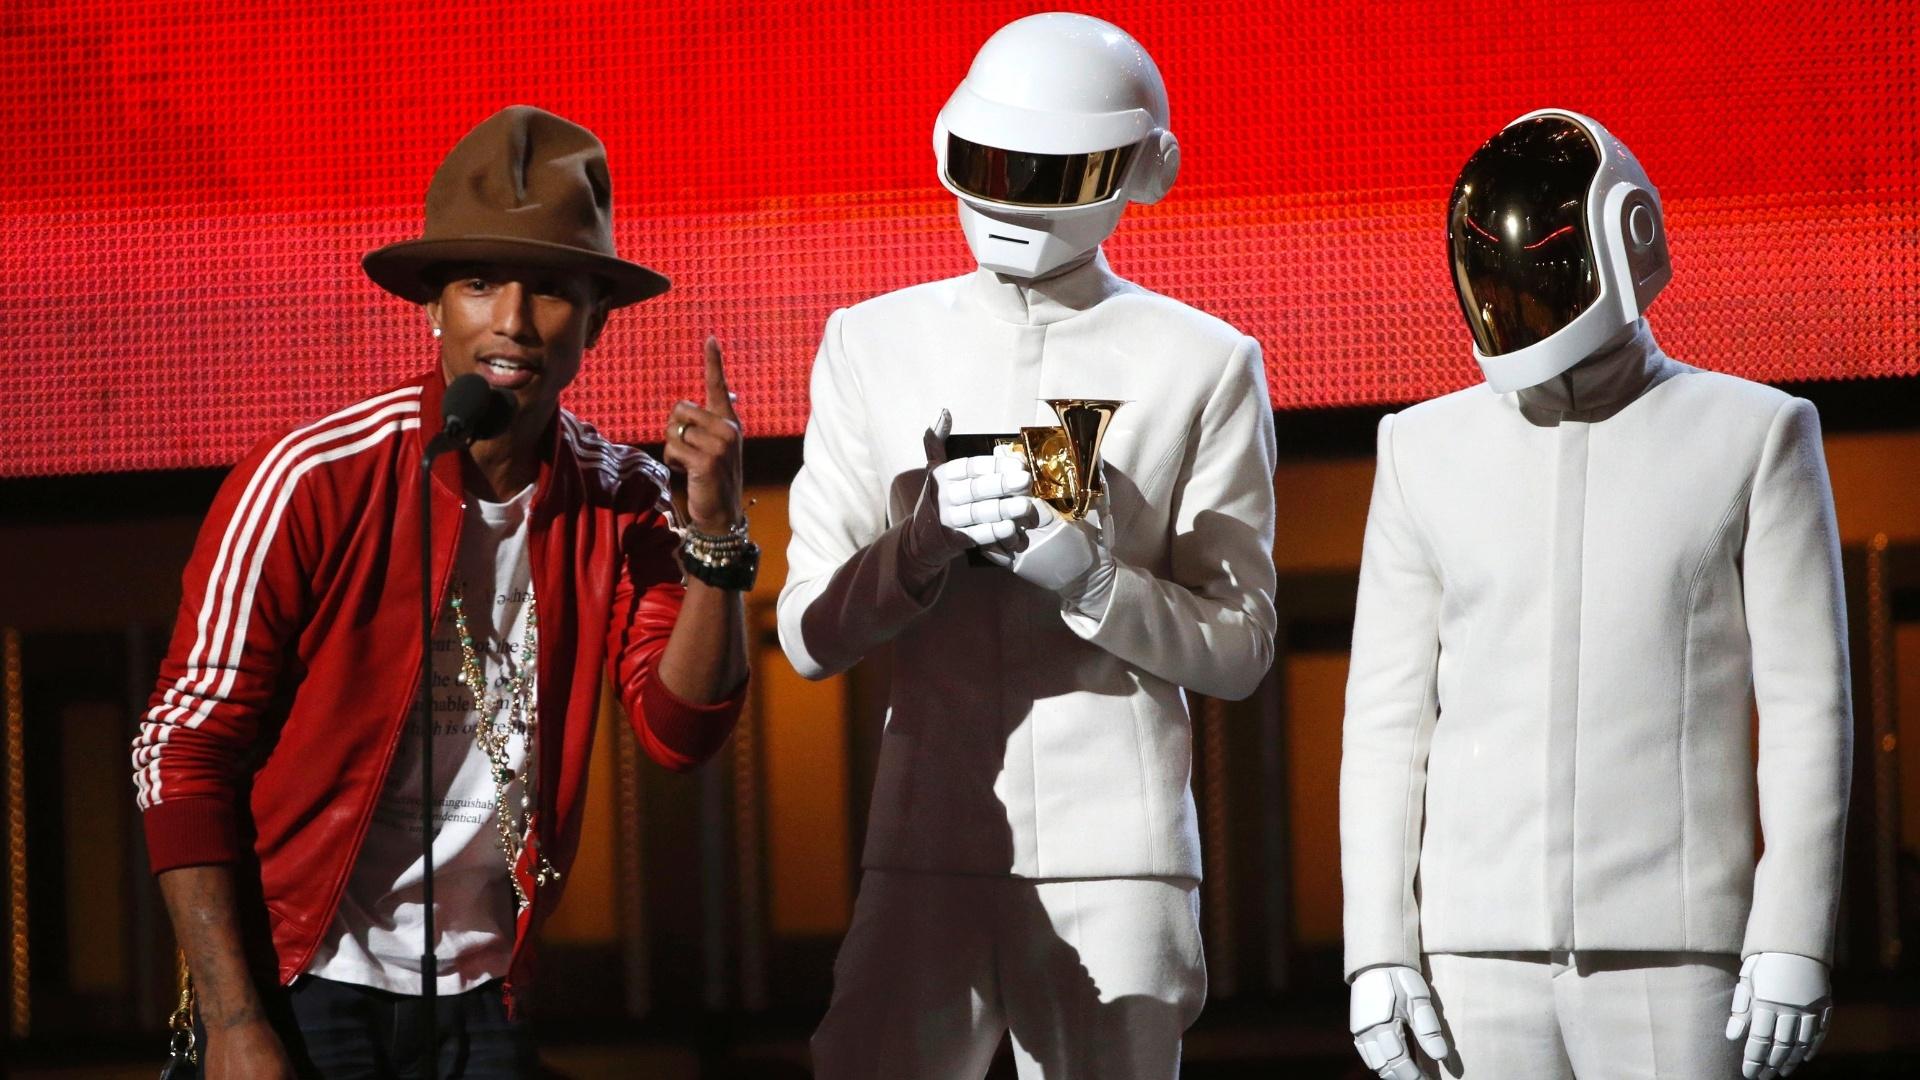 27.jan.2014 - A dupla de música eletrônica Daft Punk (com capacetes), acompanhada do cantor Pharrell Williams, recebe o troféu de melhor álbum do ano na festa do Grammy 2014, realizada nesta segunda-feira (27) em Los Angeles (EUA). O Daft Punk saiu do evento como maior vencedor, recebendo cinco